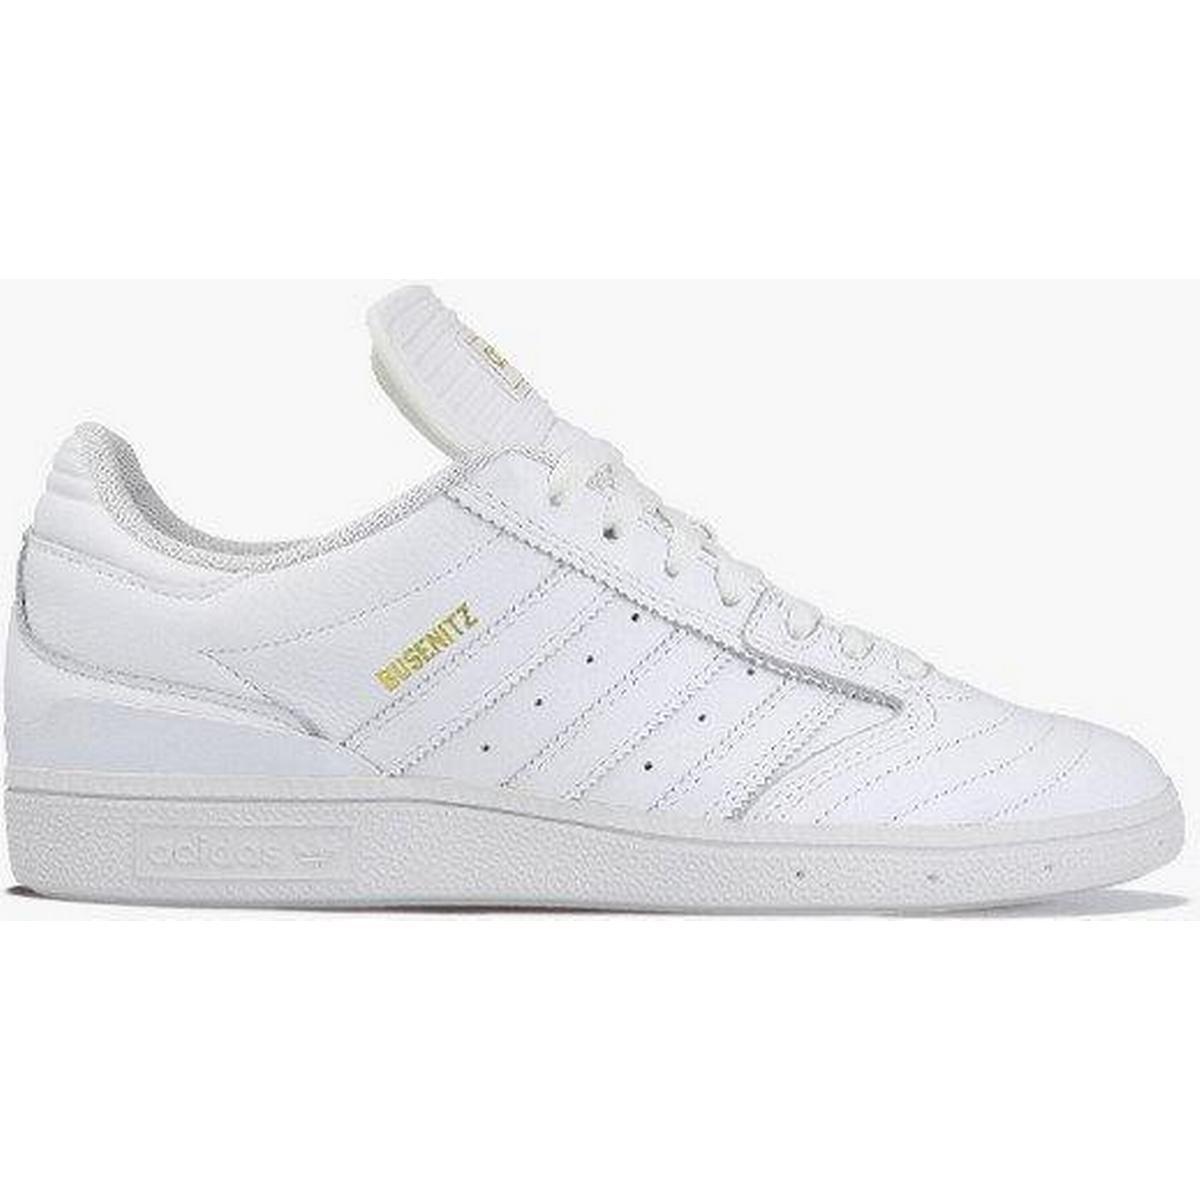 Adidas Campus WhiteYellow • Se pris (2 butikker) hos